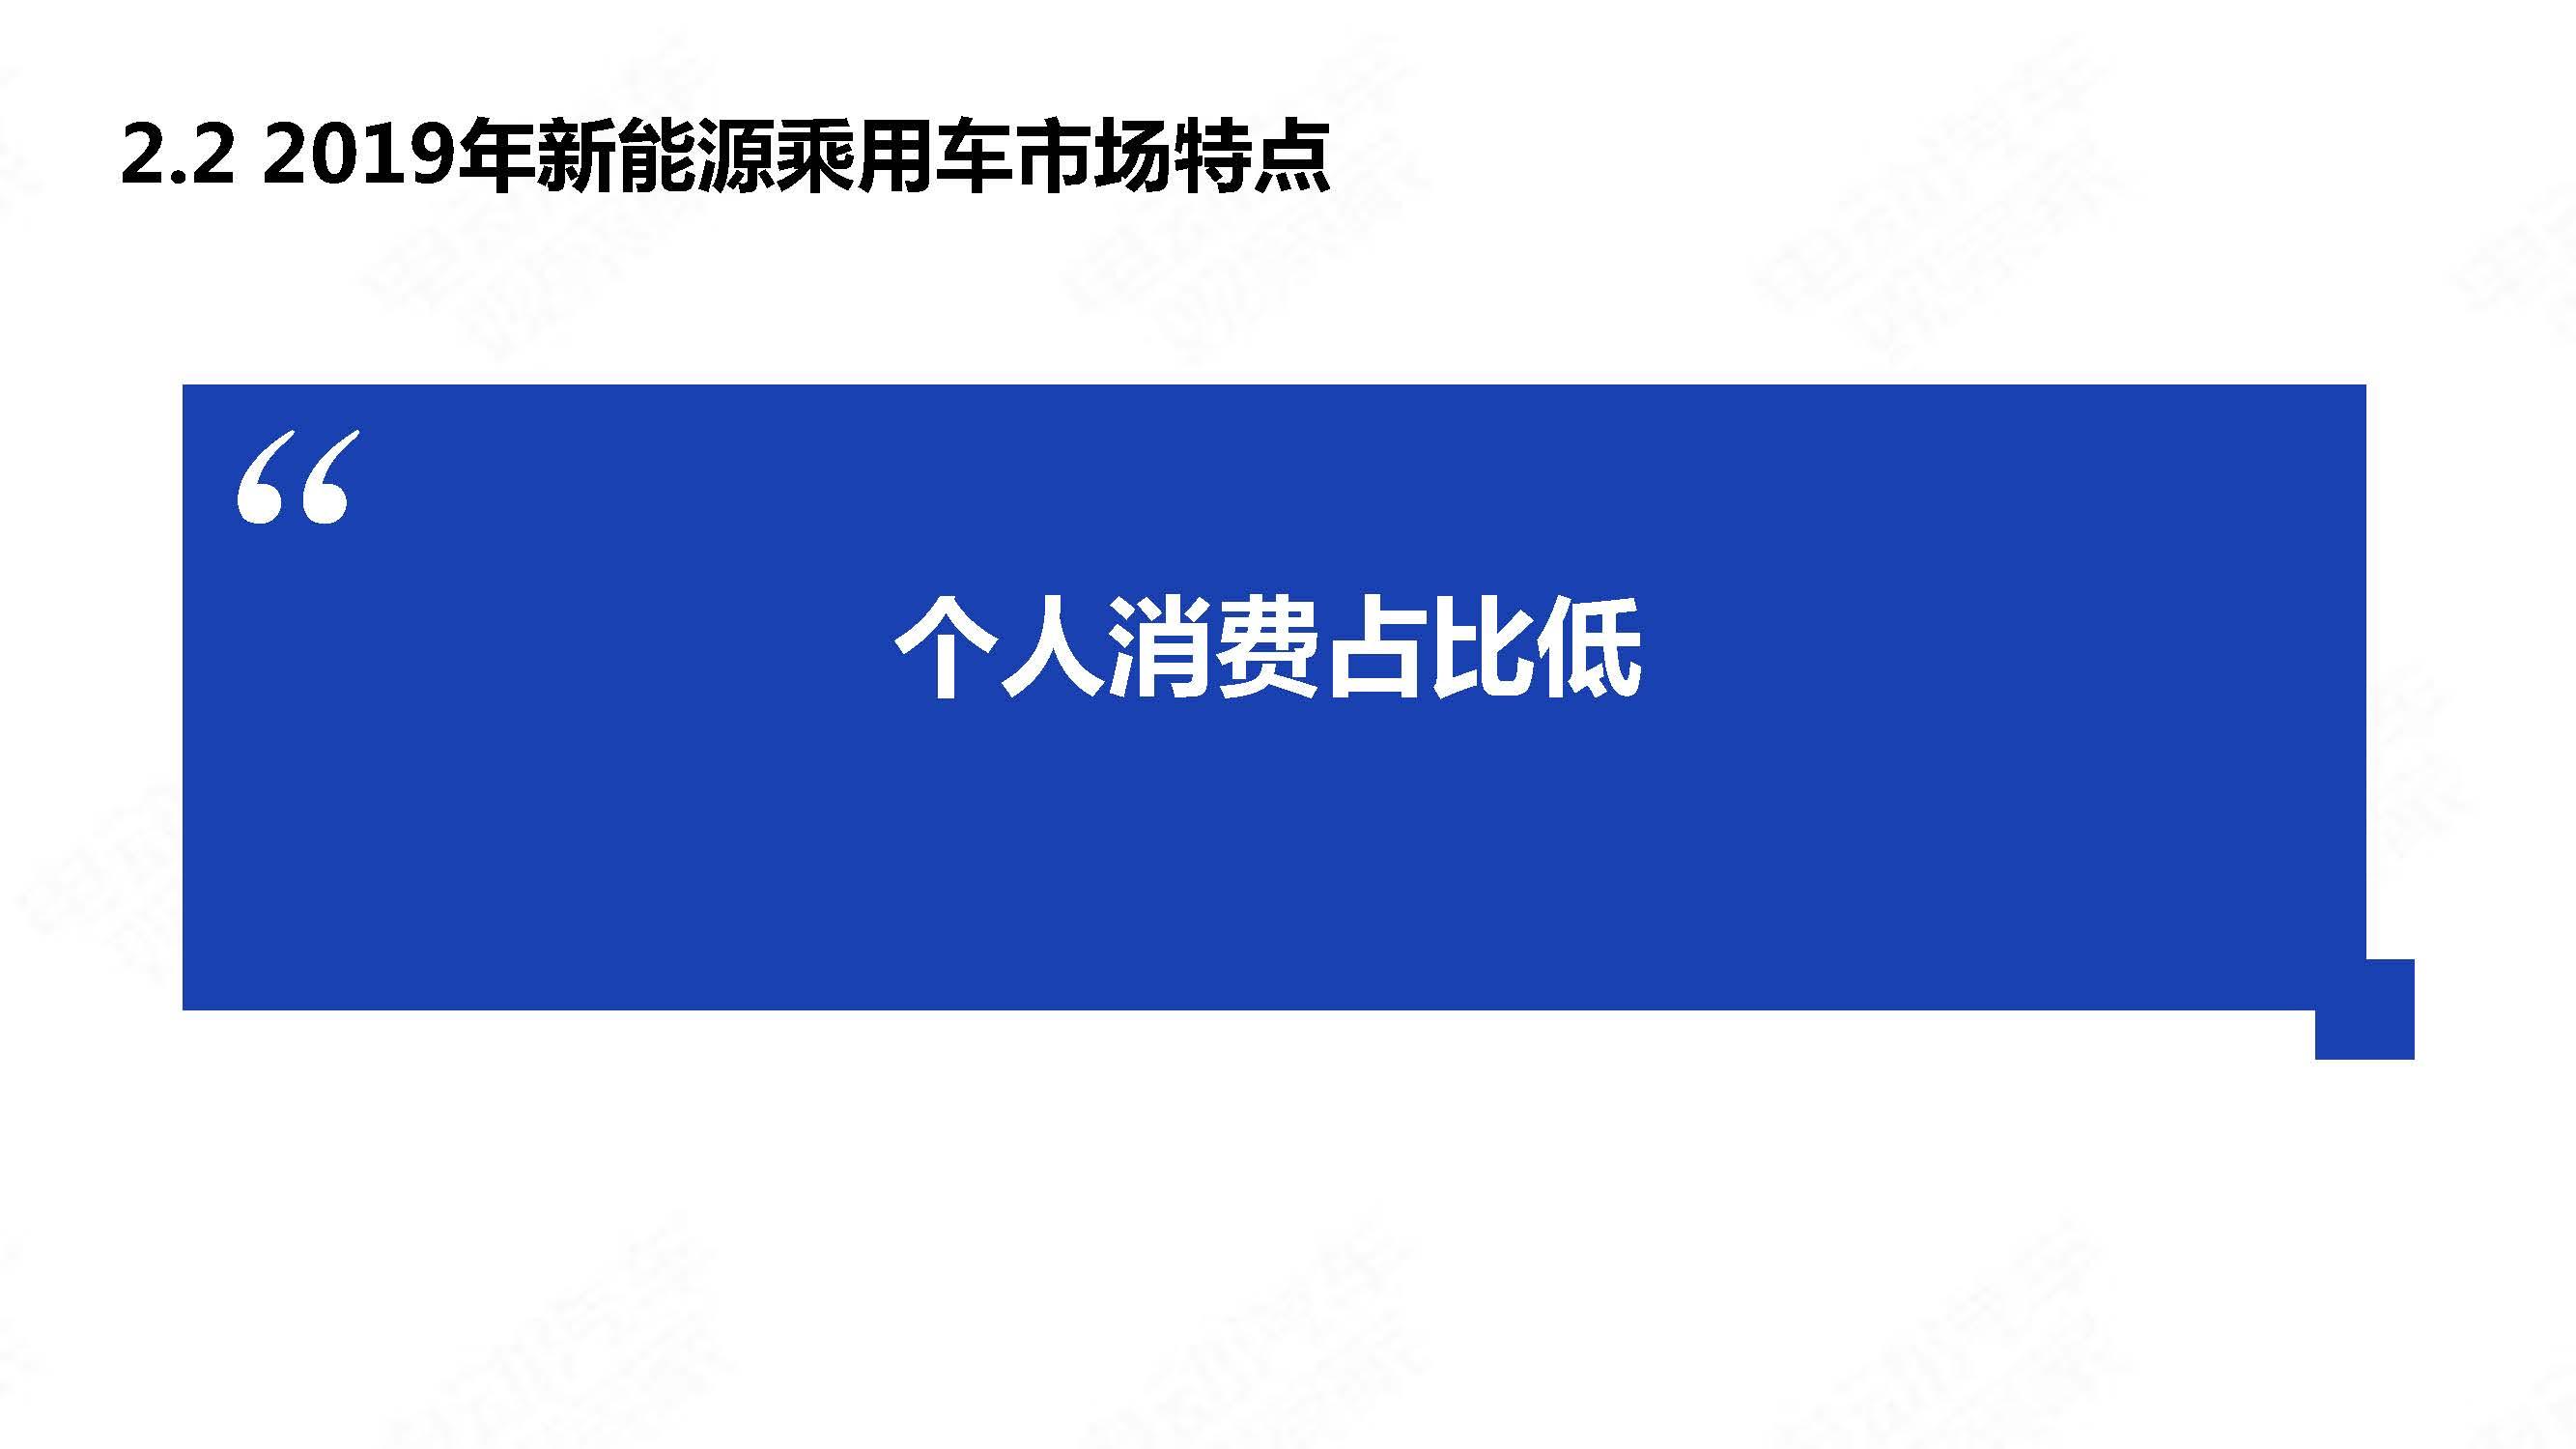 中国新能源汽车产业年度观察2020 简版_页面_15